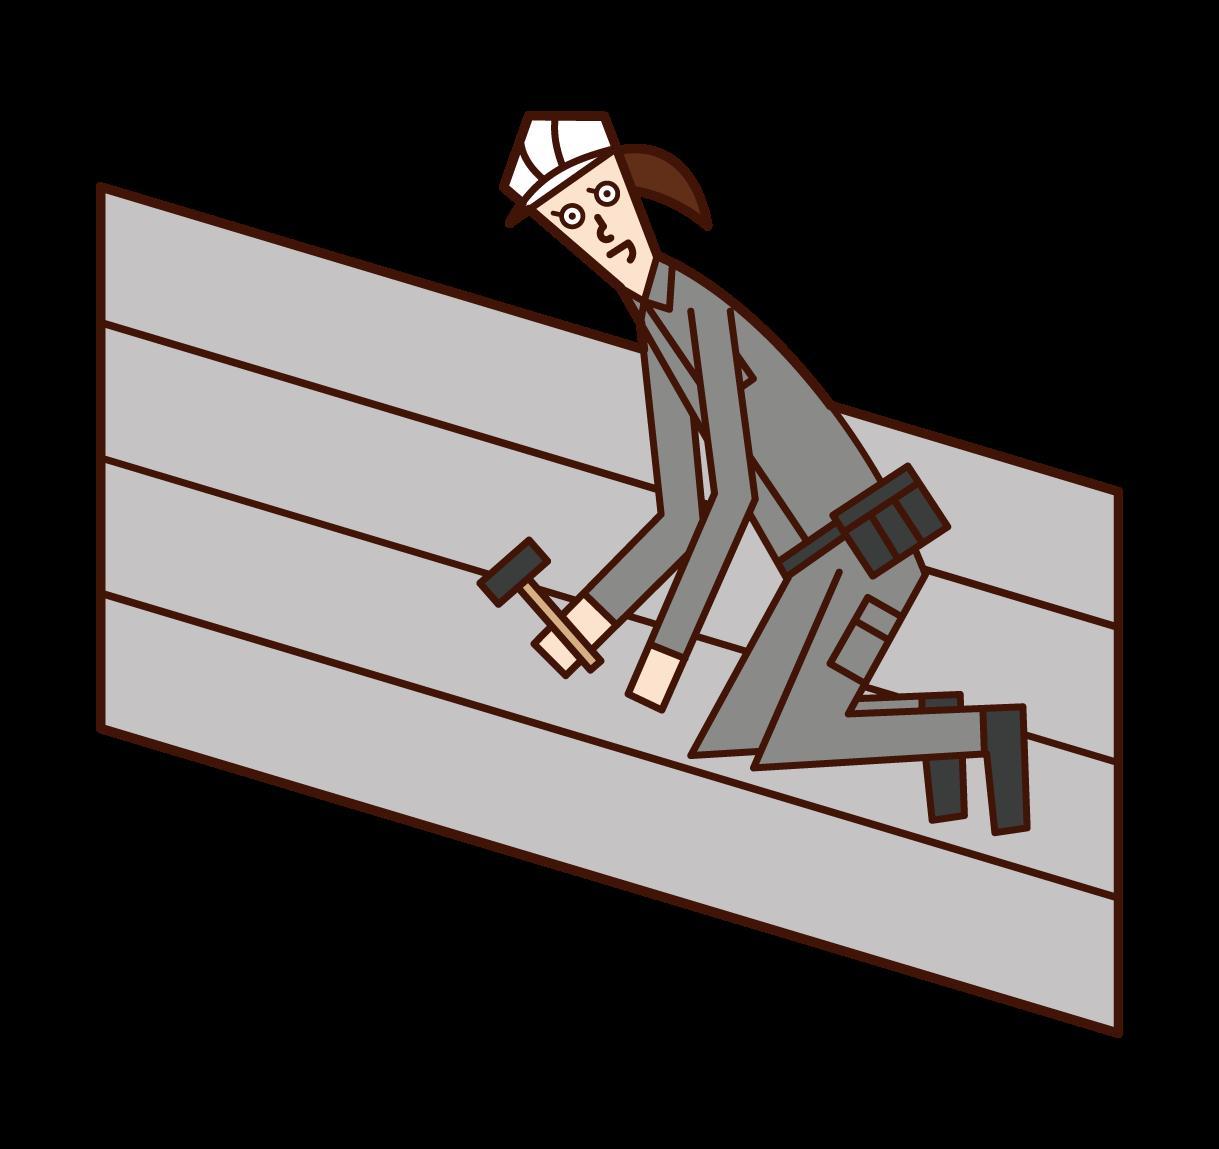 建築板金工(女性)のイラスト